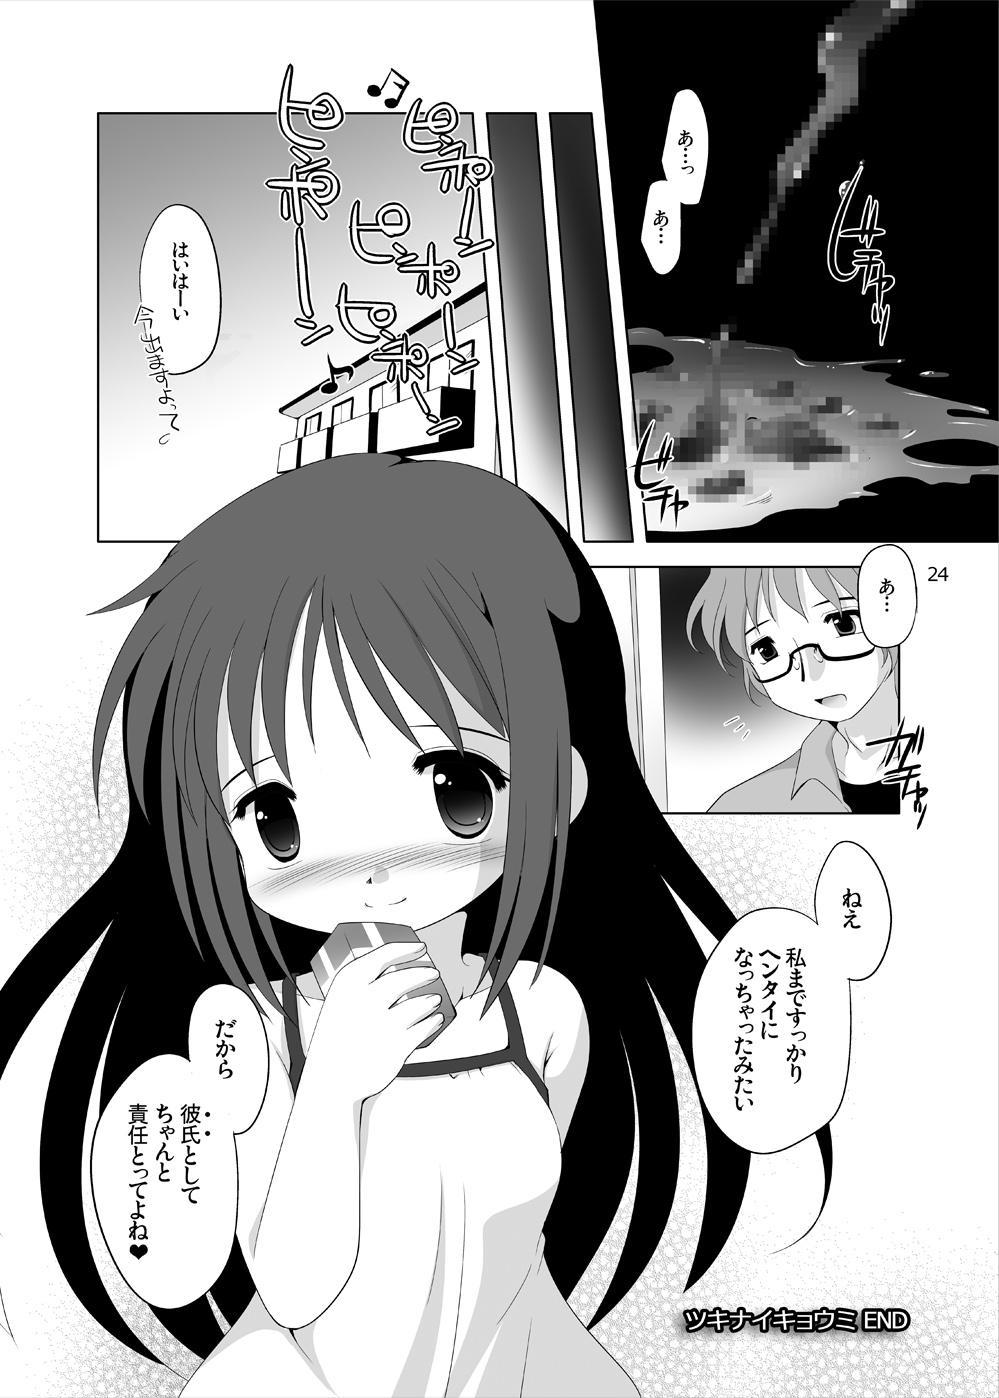 Tsukinaikyoumi 23